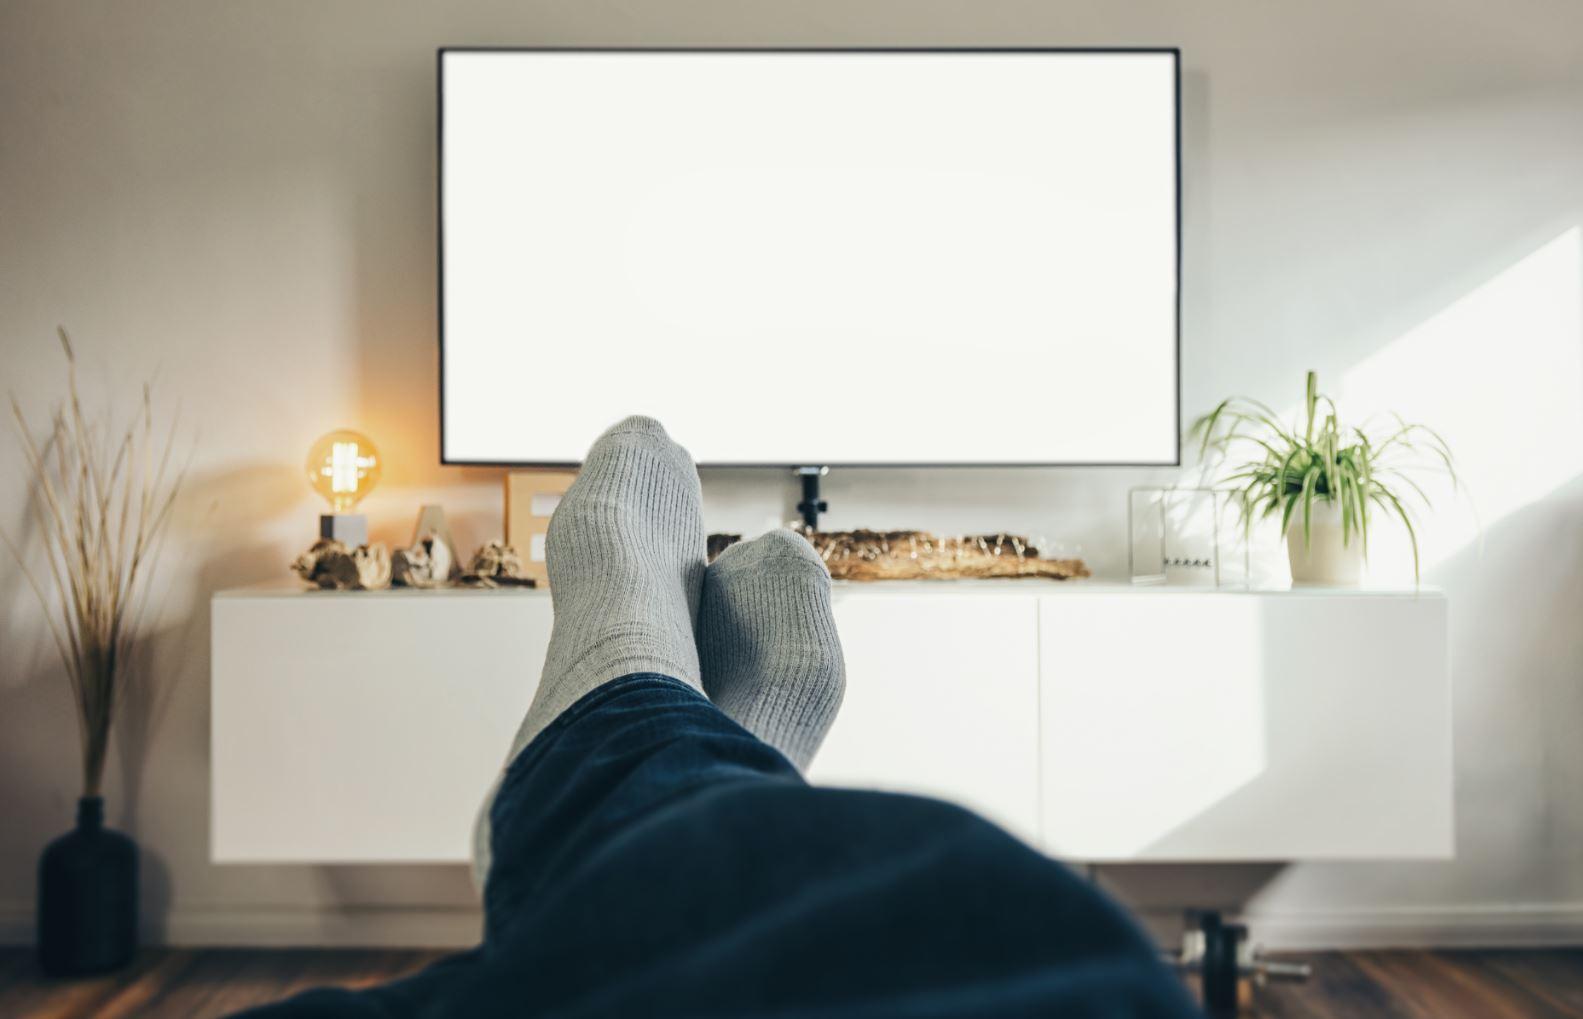 Kaufberatung Für Fernseher 2018 So Findet Ihr Den Richtigen Tv Giga